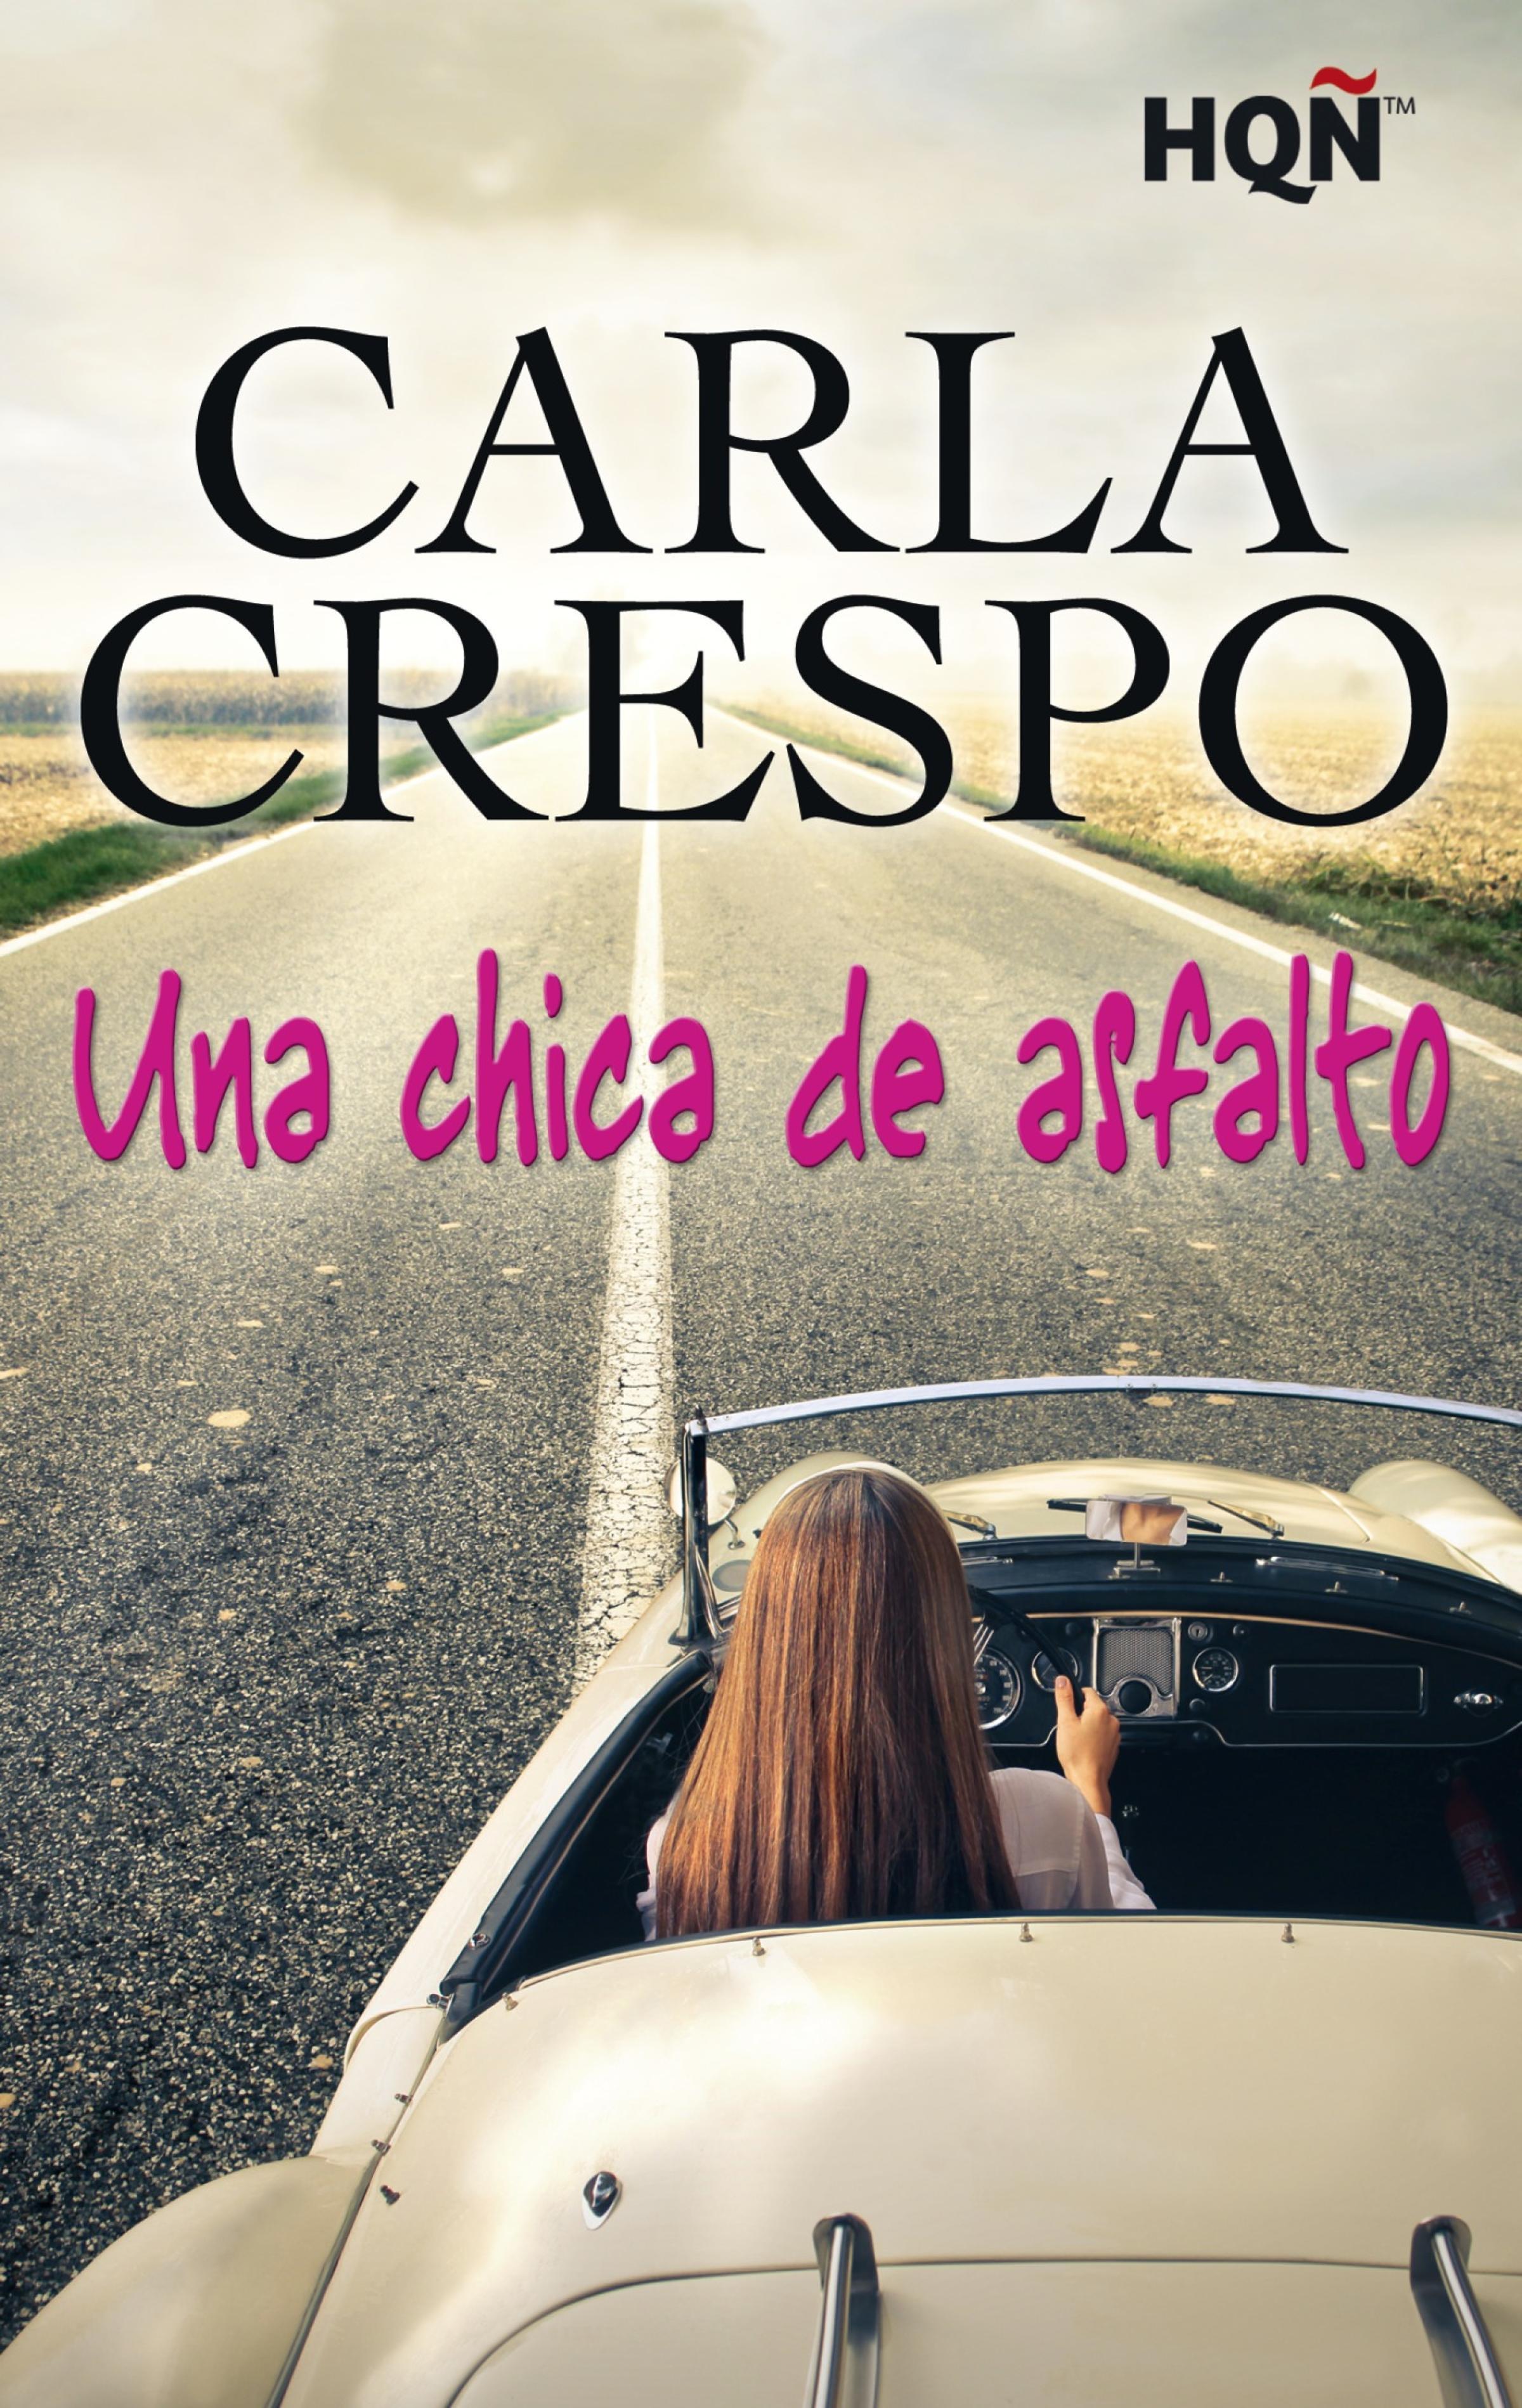 Carla Crespo Una chica de asfalto gonçalves crespo nocturnos